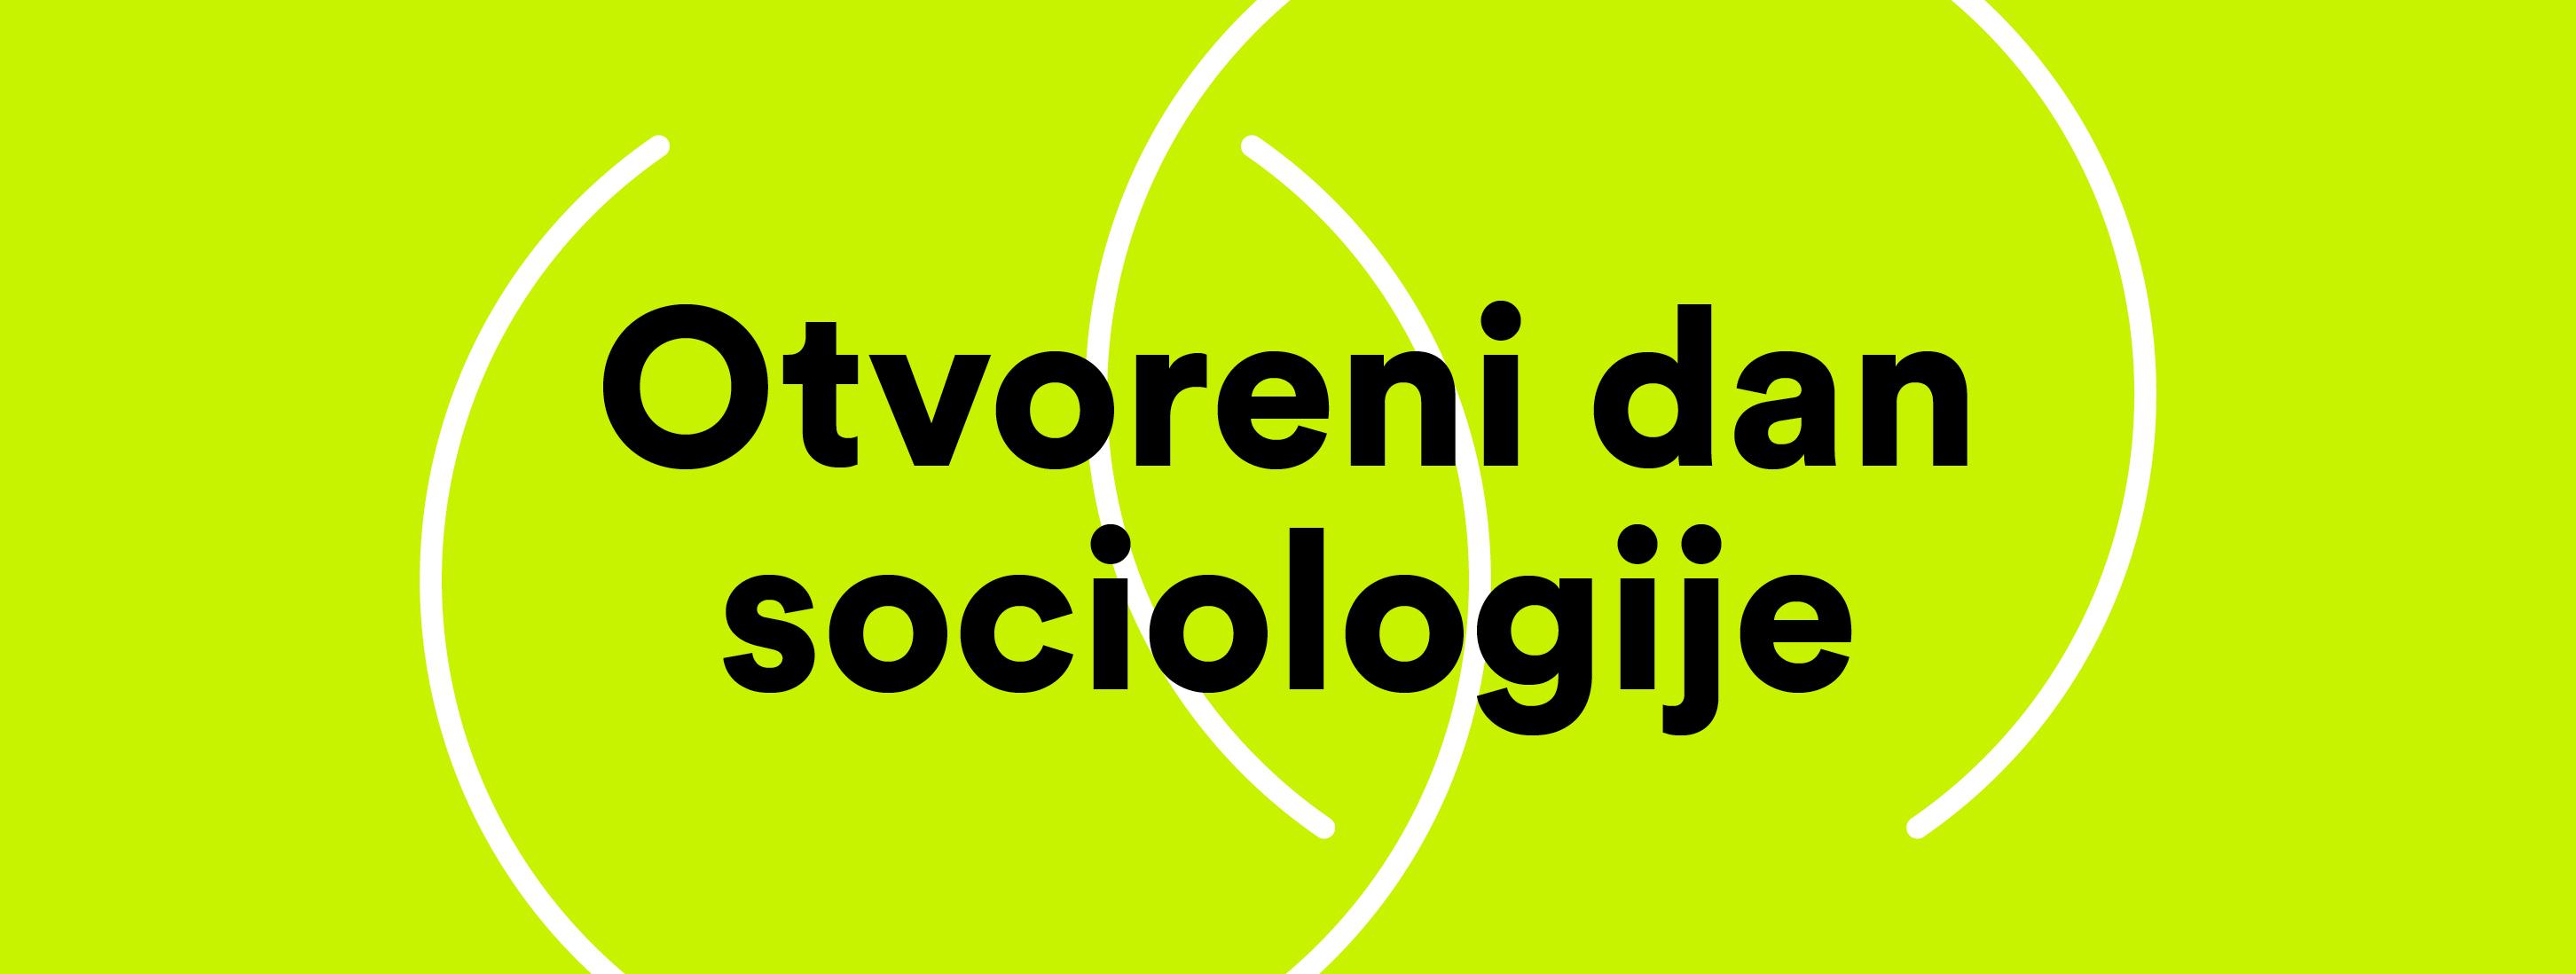 istraživački rad iz područja sociologije